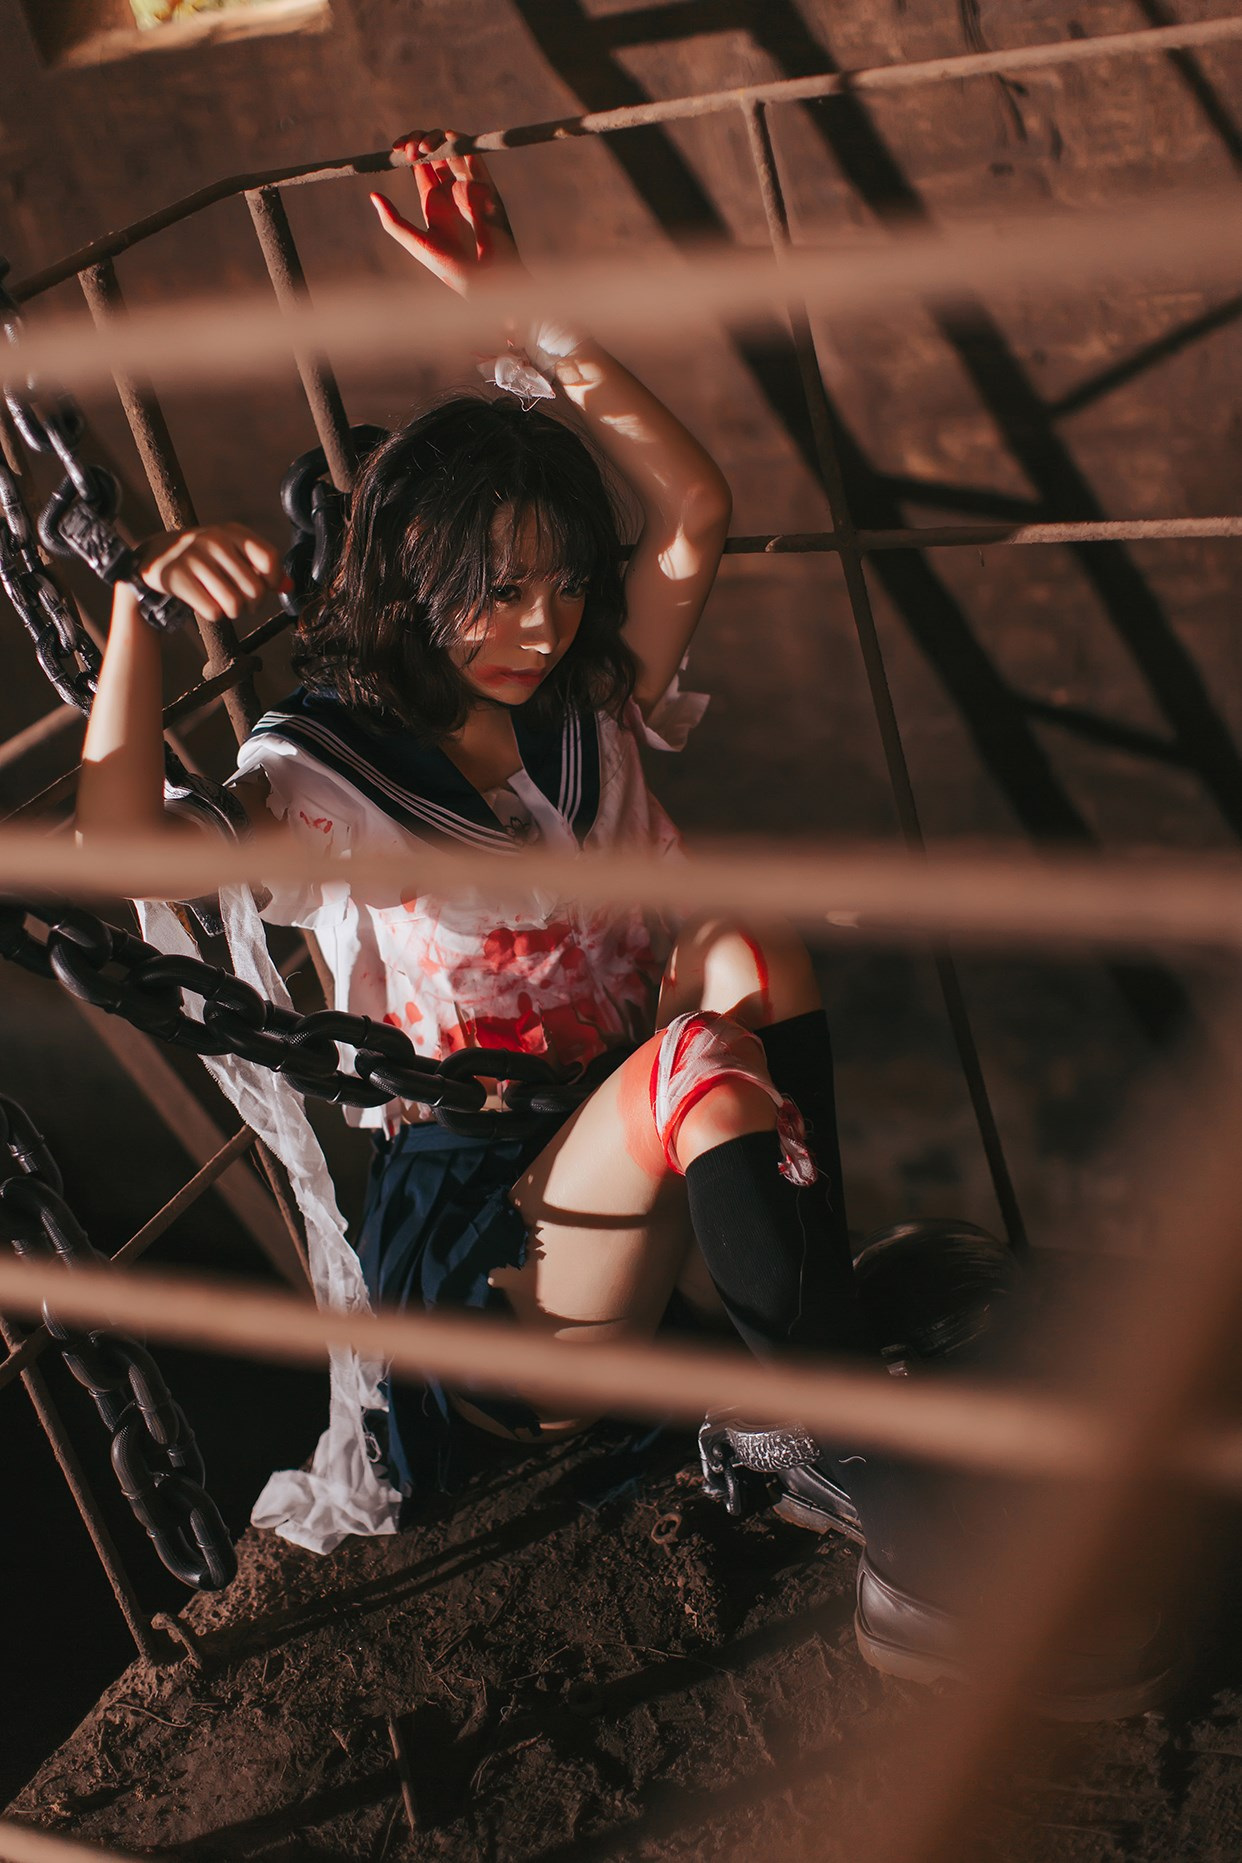 【兔玩映画】被囚禁的少女 兔玩映画 第32张